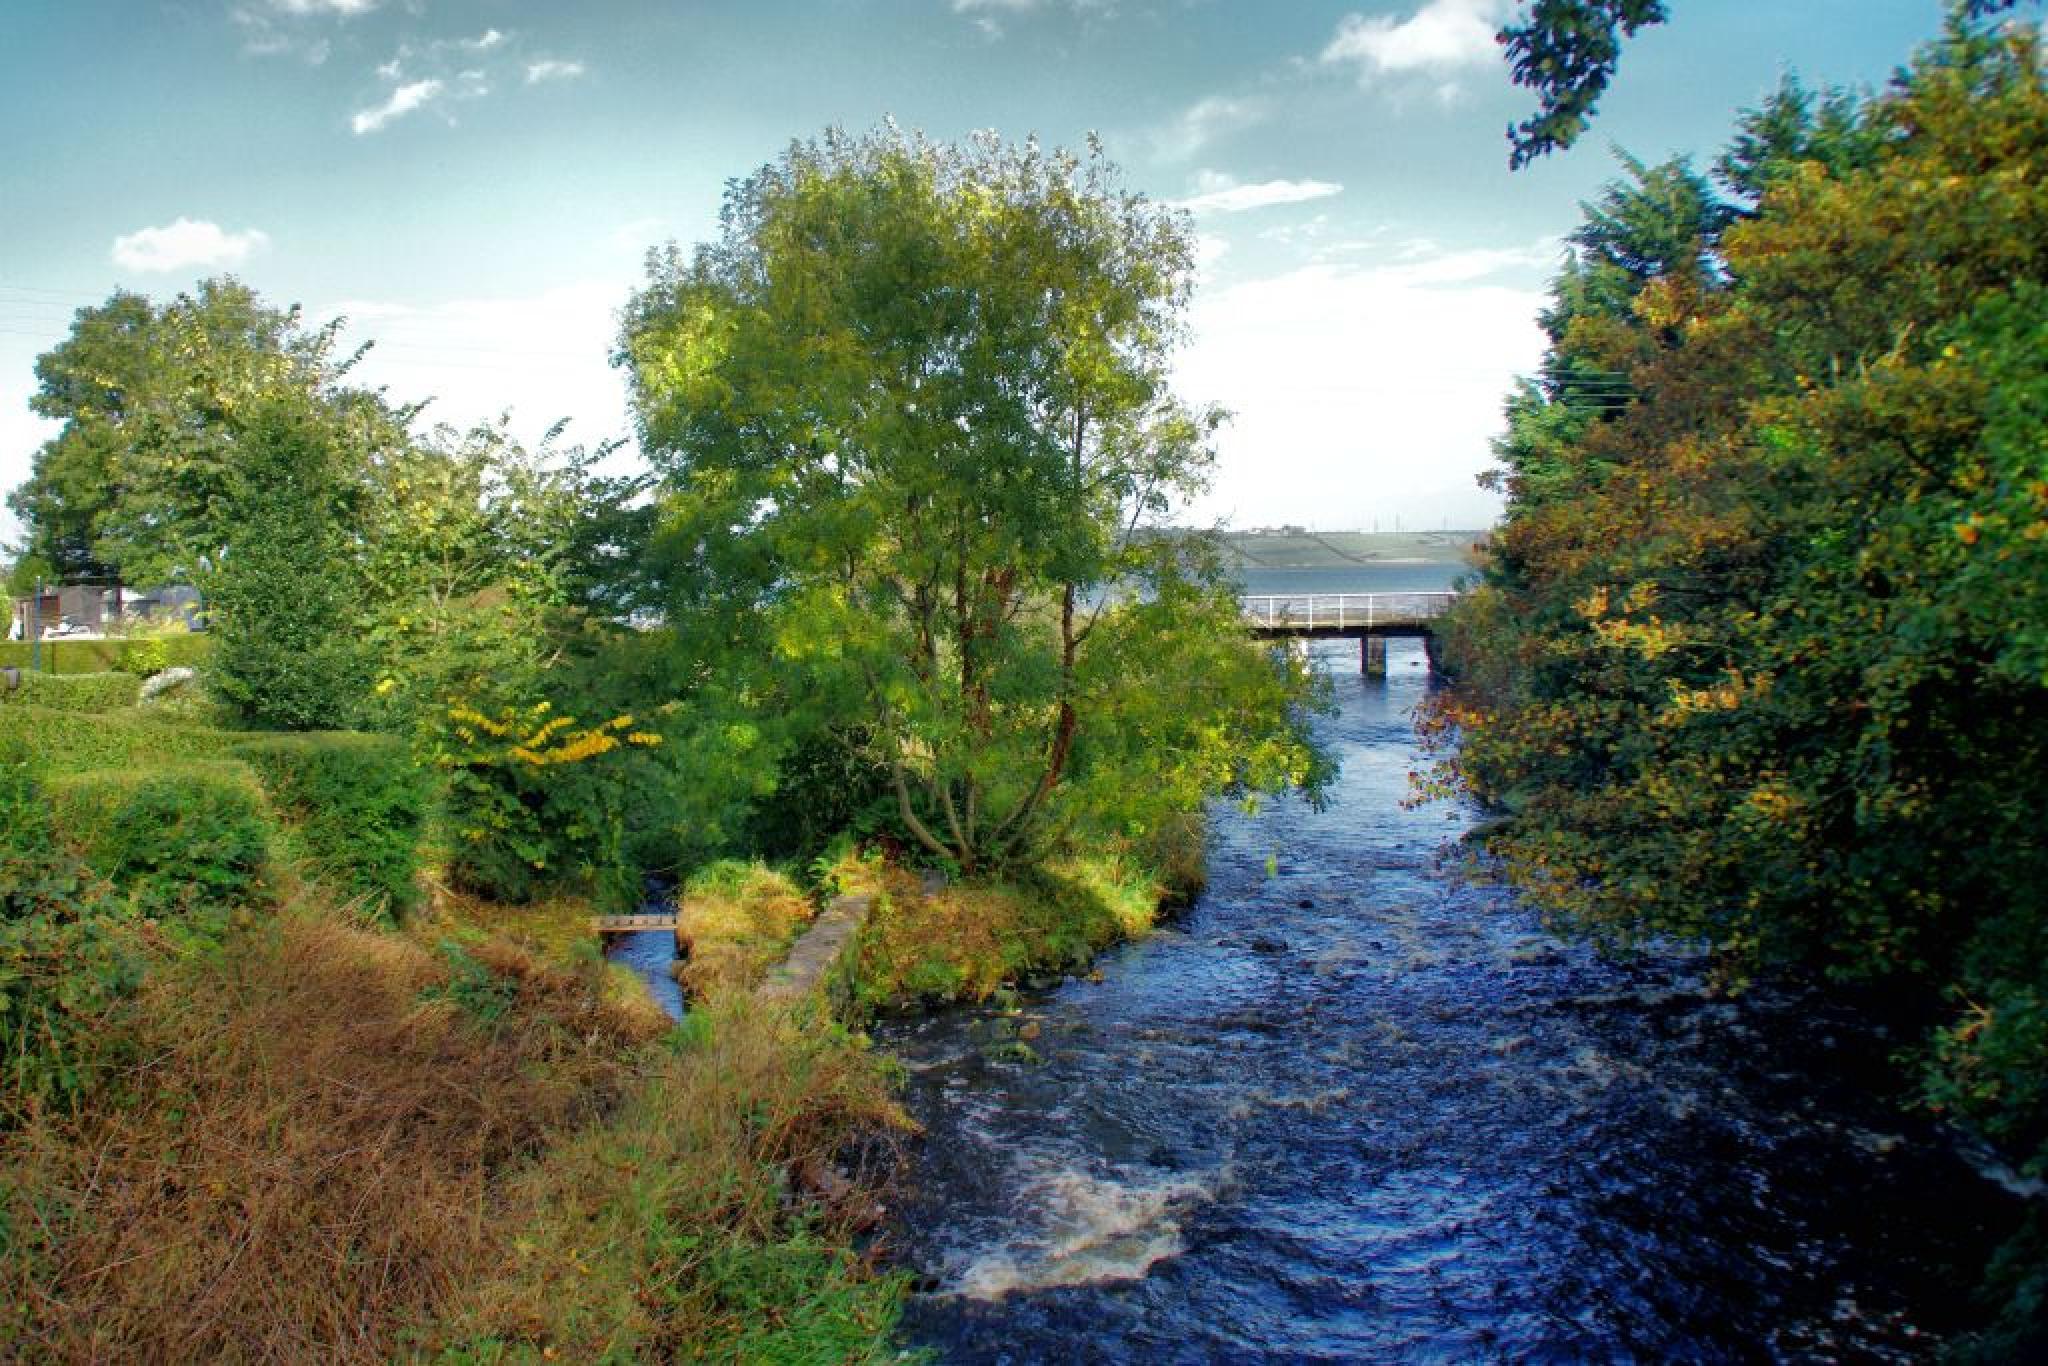 Glynn River this autumn by David Stewart